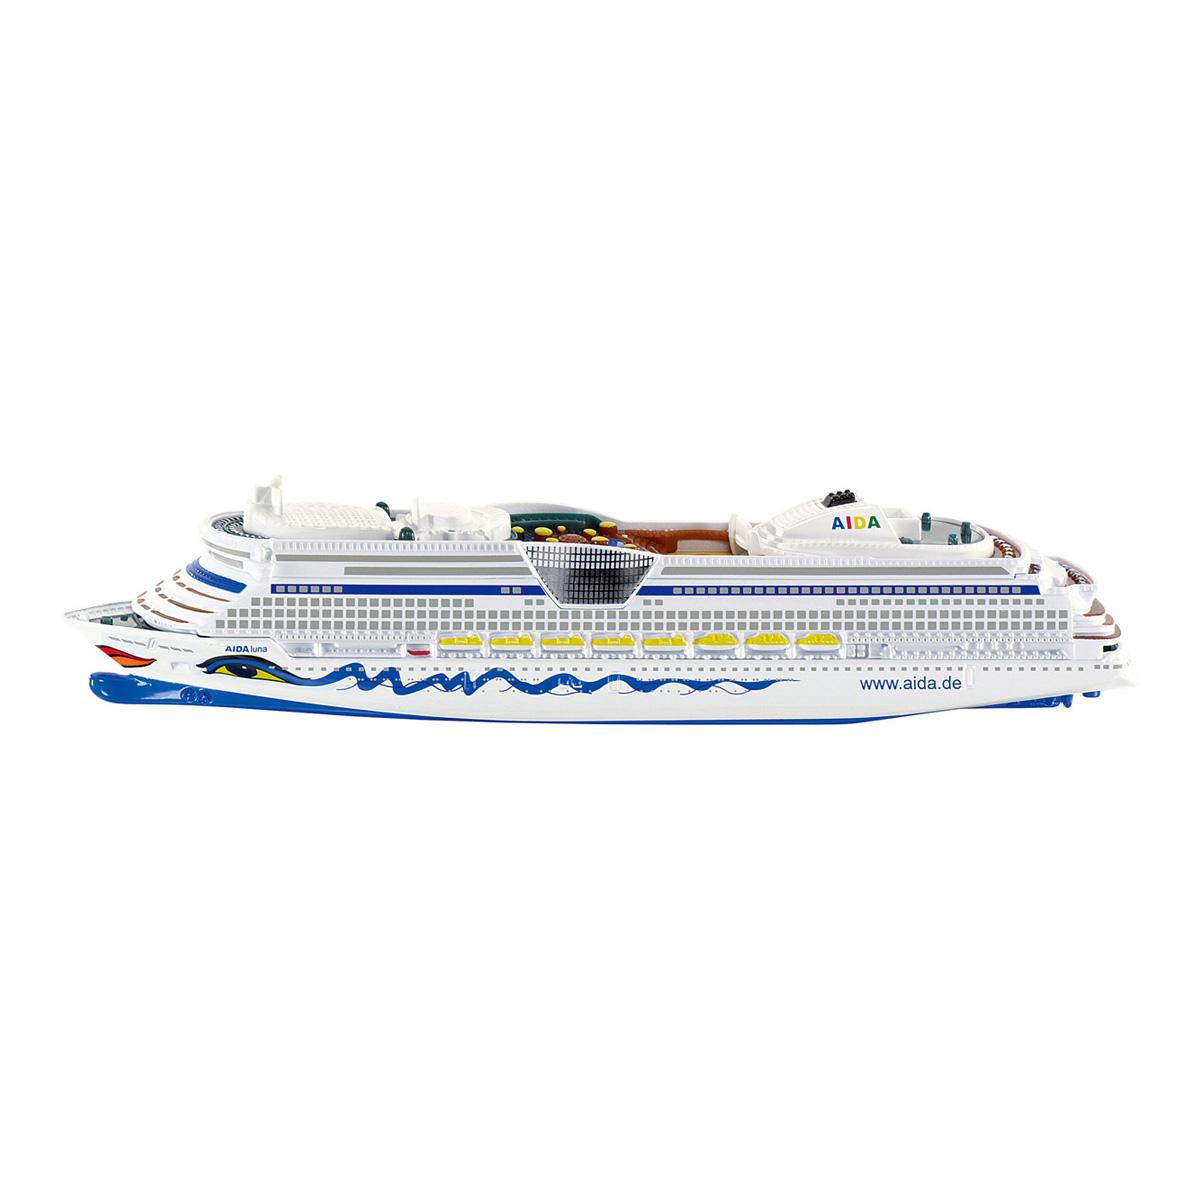 クルーズ客船 1:1400(ジク・SIKU)